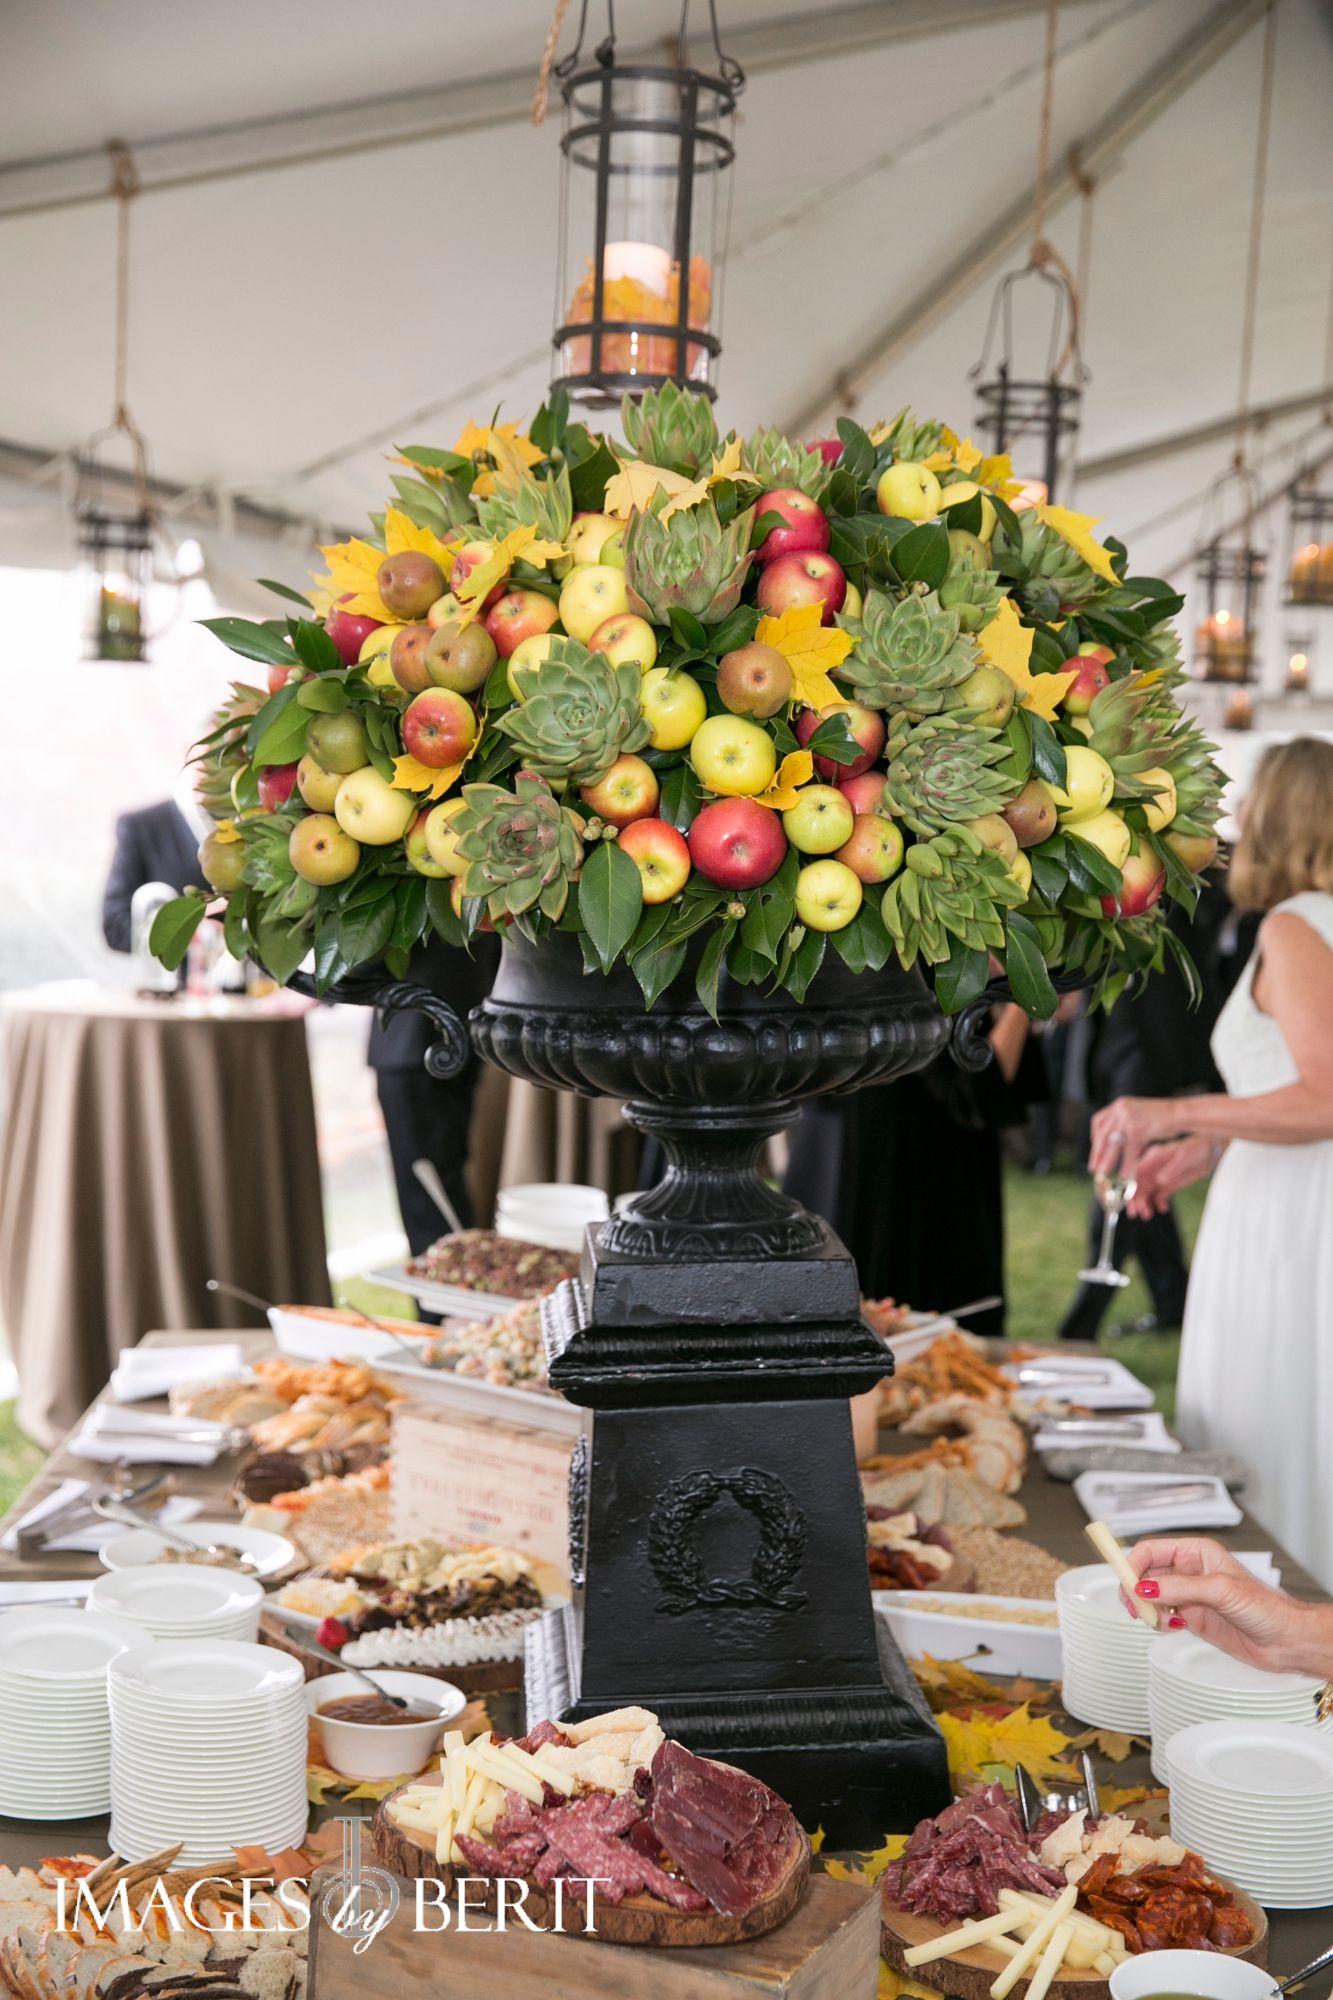 Wedding Decor | Hamilton Farm Golf Club Wedding | NJ Wedding | Fall Wedding | Photography by Berit Bizjak of Images by Berit  #fallwedding #njwedding #weddingdecor #weddingflorals #hamiltonfarmgolfclubwedding    Venue: @hamiltonfarm